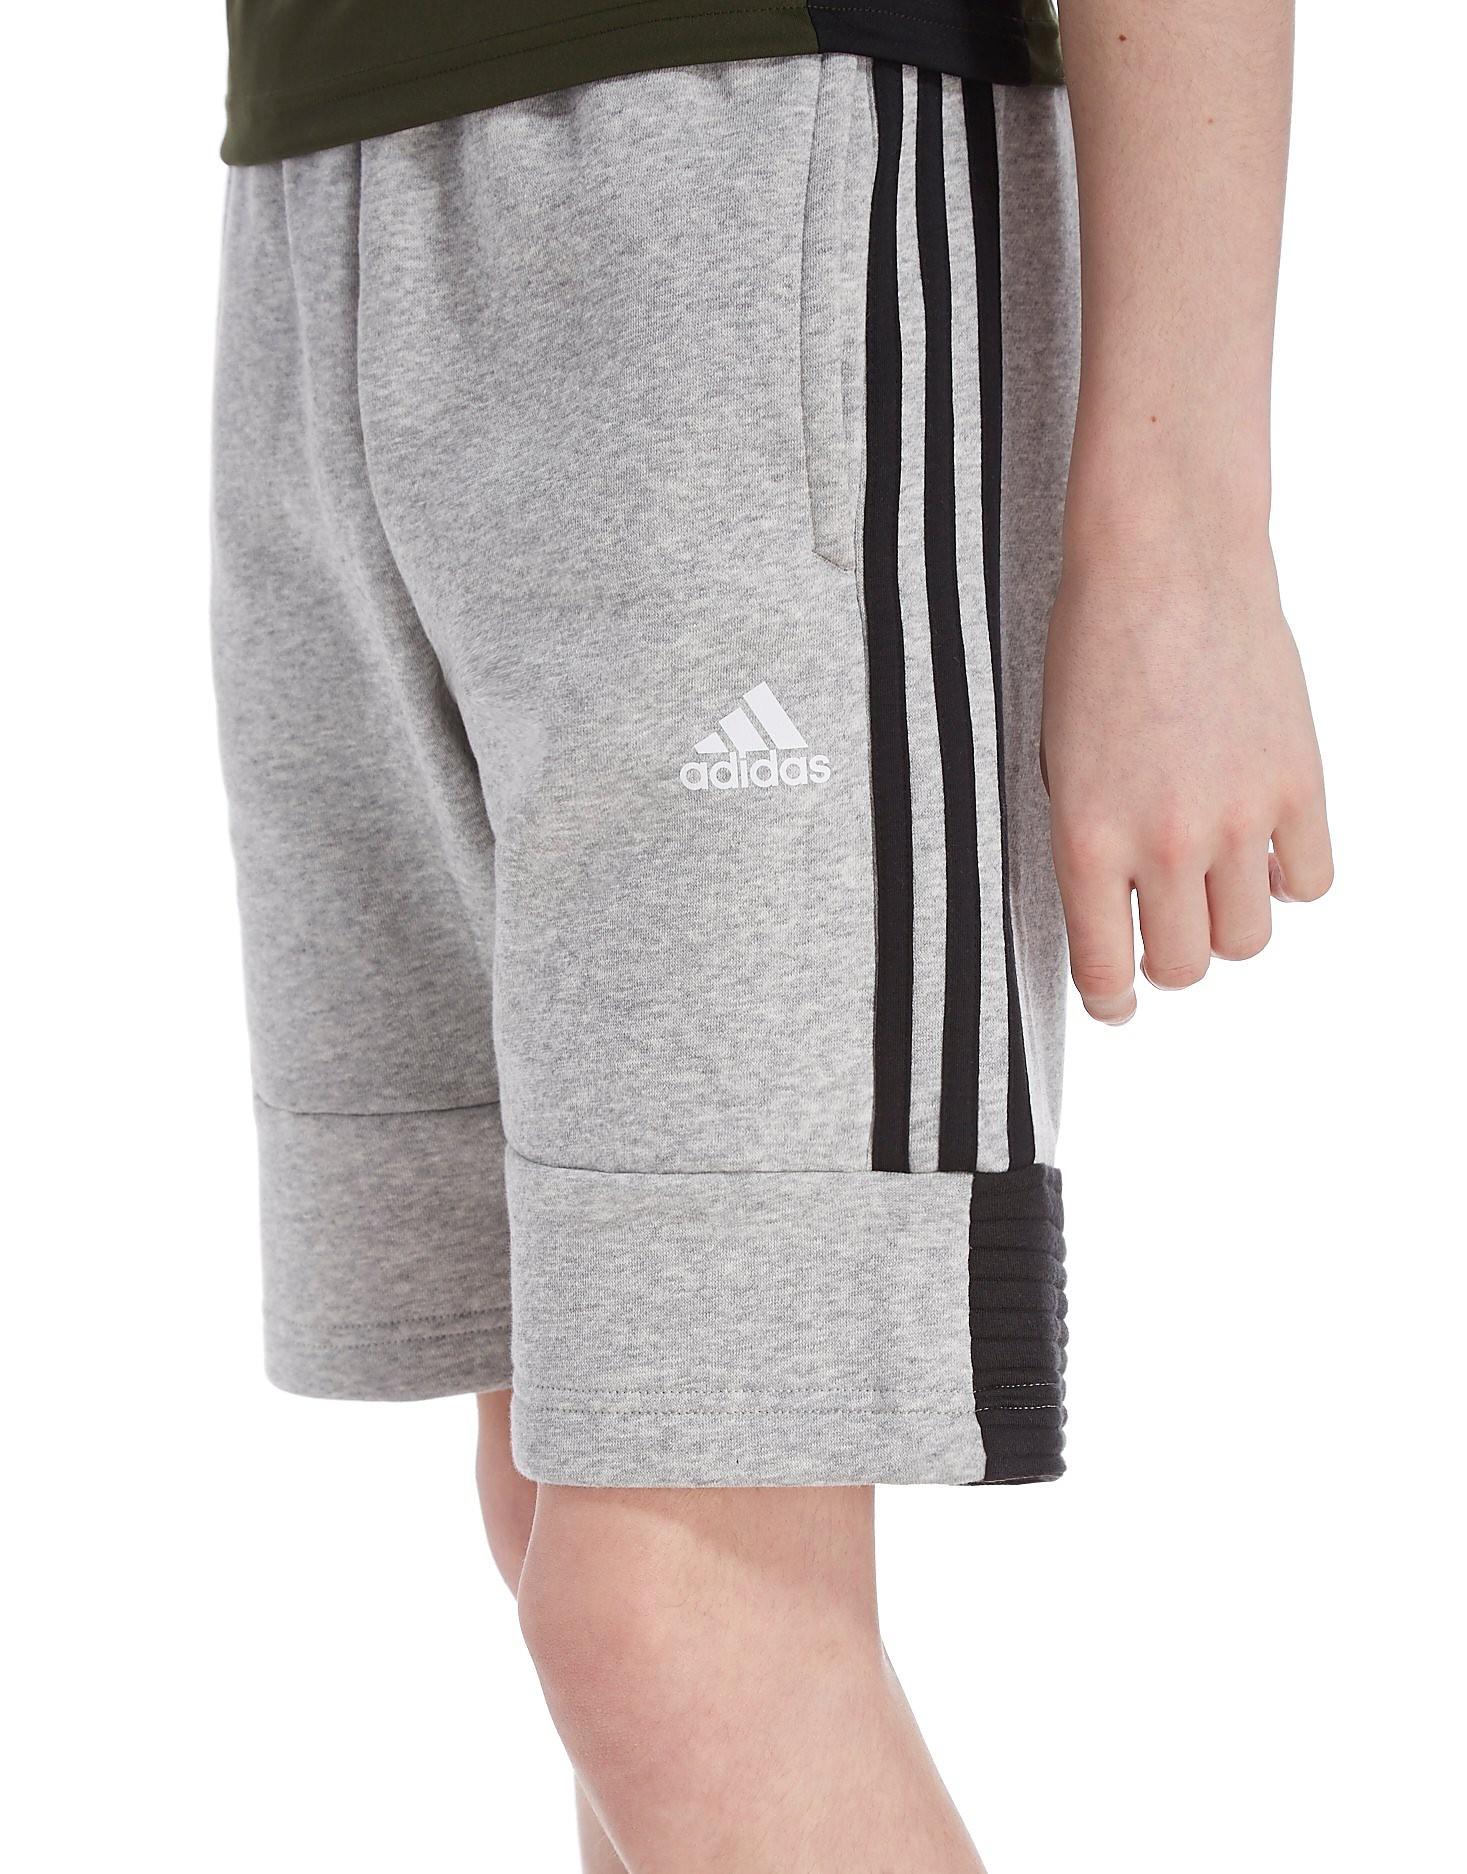 adidas Sport Shorts Junior - Grau - Kids, Grau